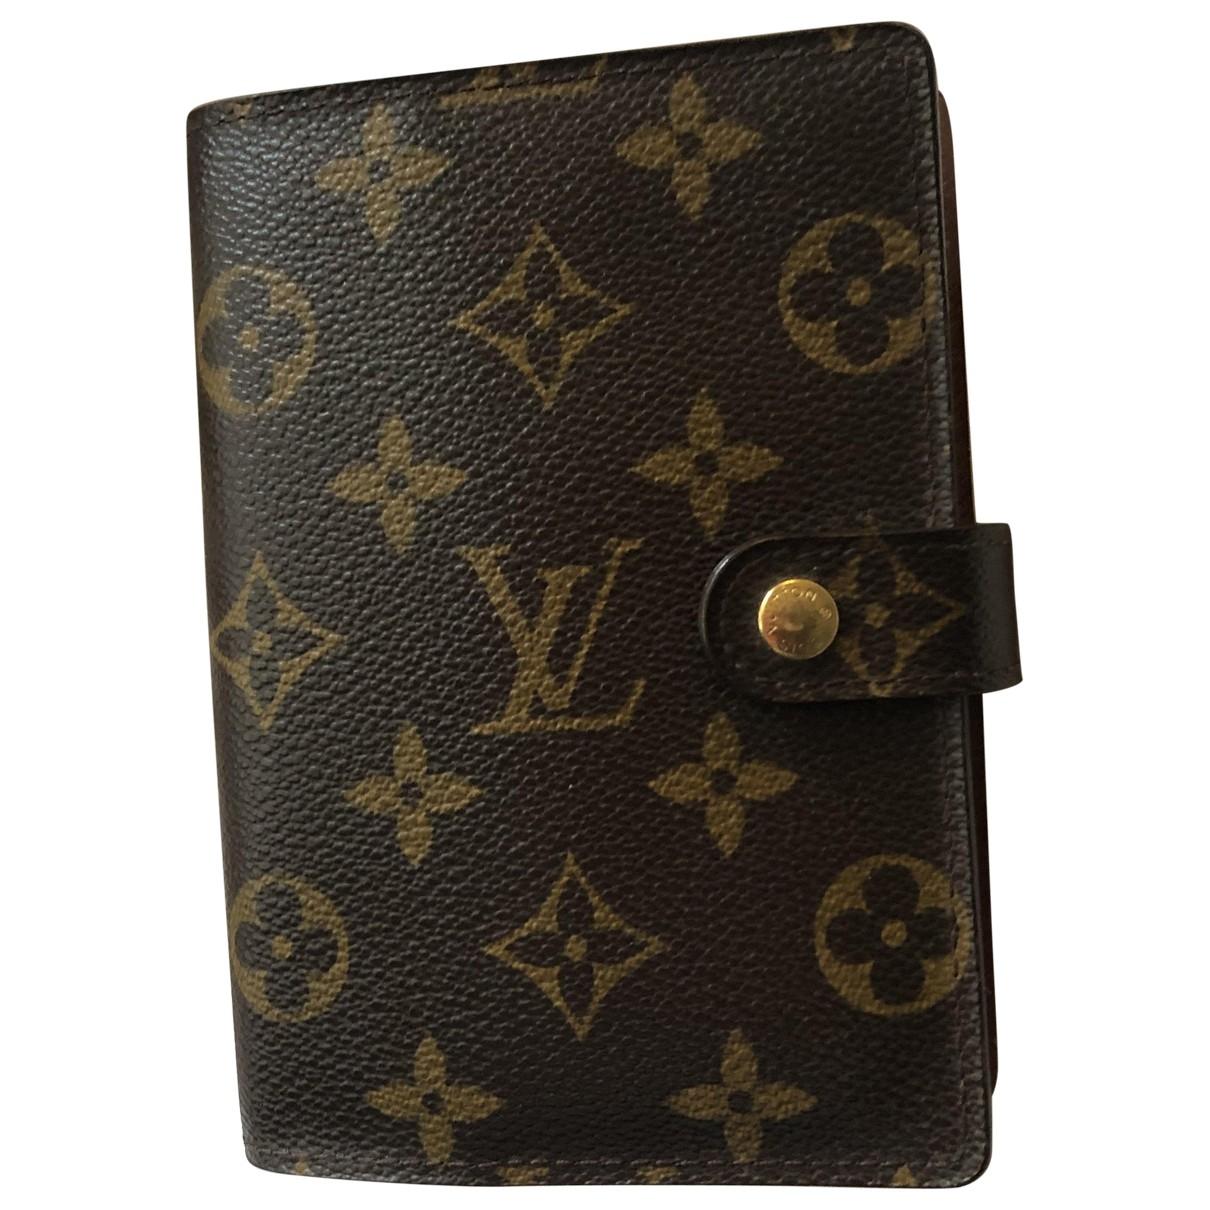 Louis Vuitton - Objets & Deco Couverture dagenda MM pour lifestyle en toile - marron